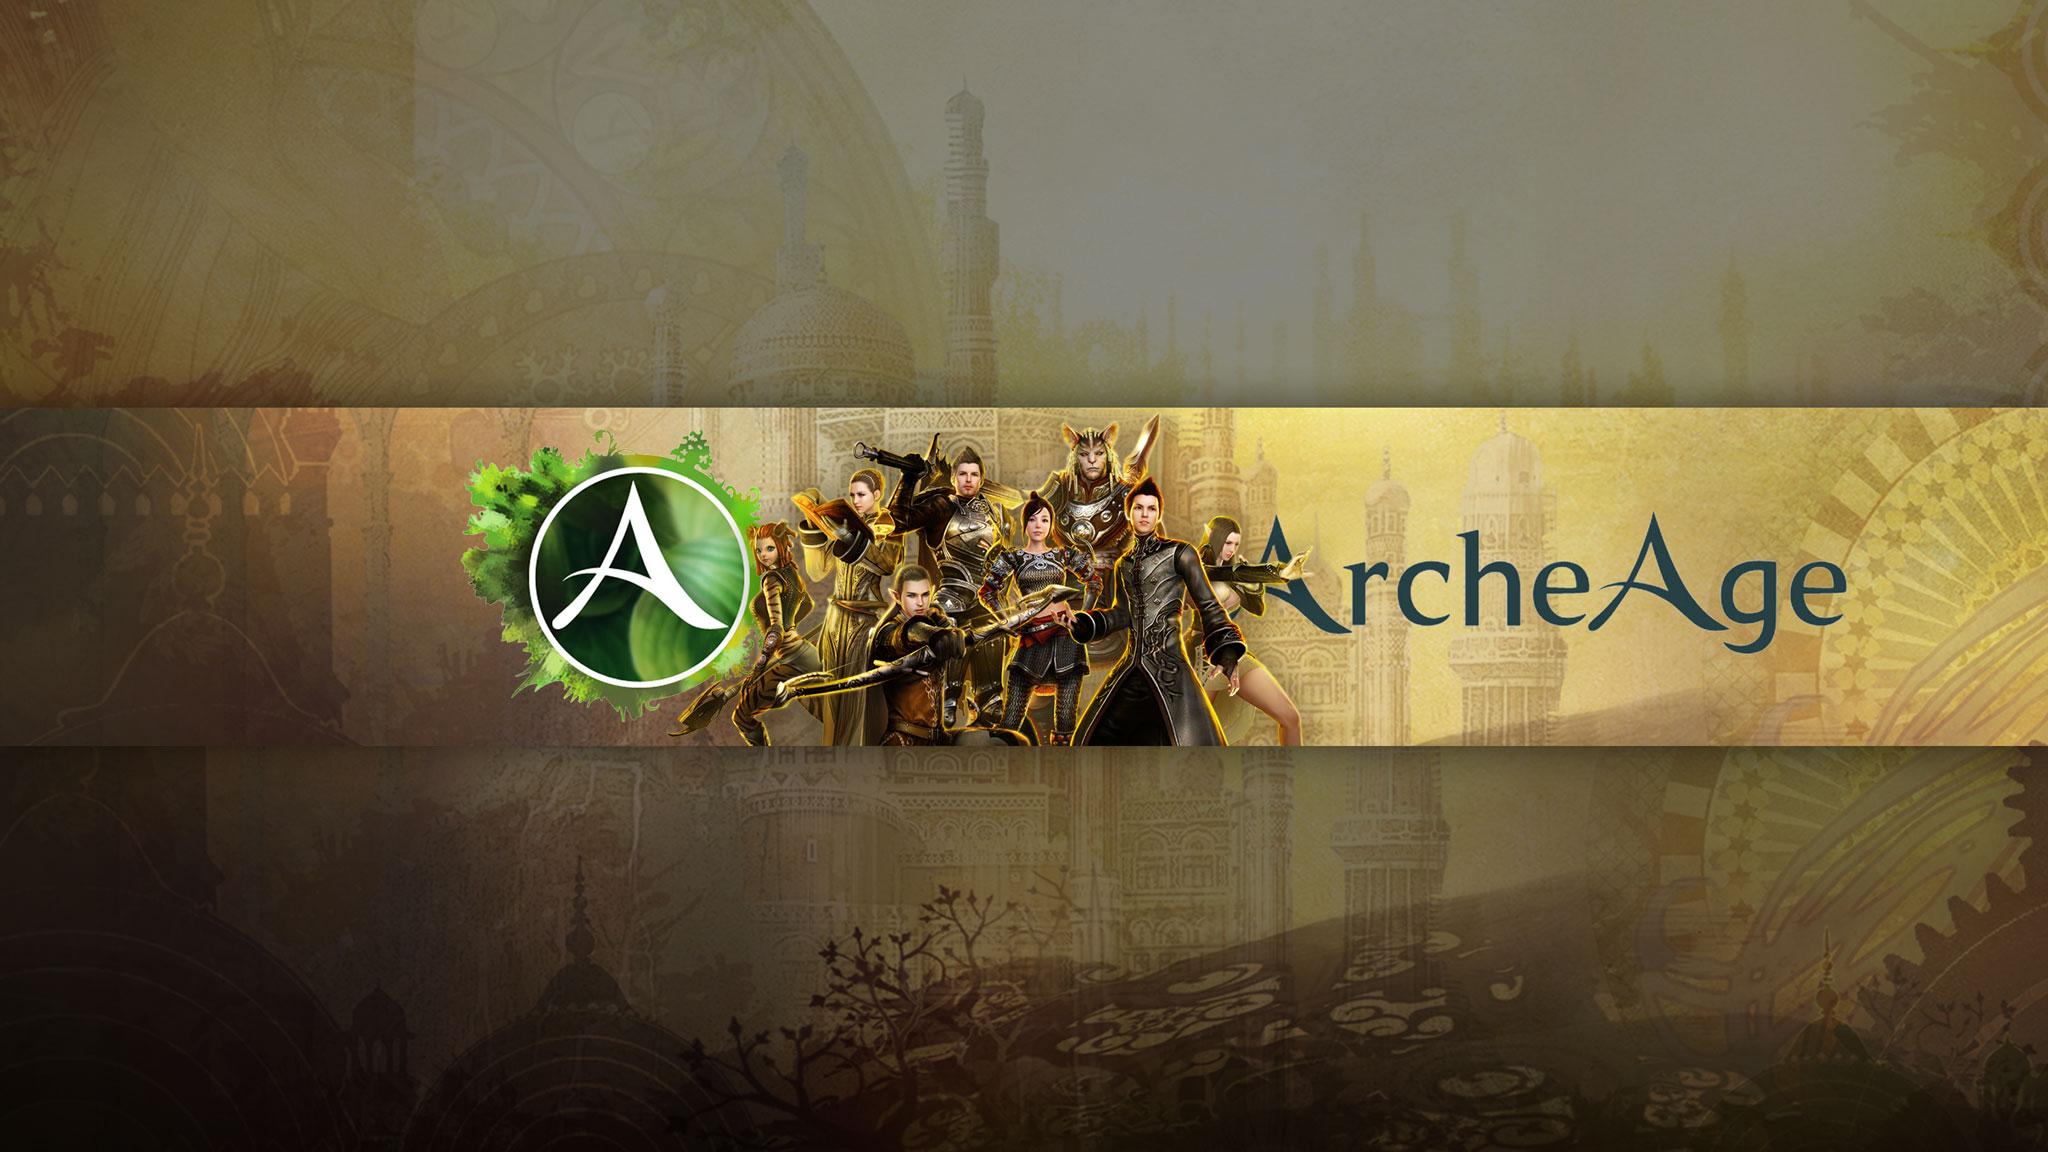 Картинка с текстом - шапка 2048x1152 для ютуба с персонажами игры ArcheAge.